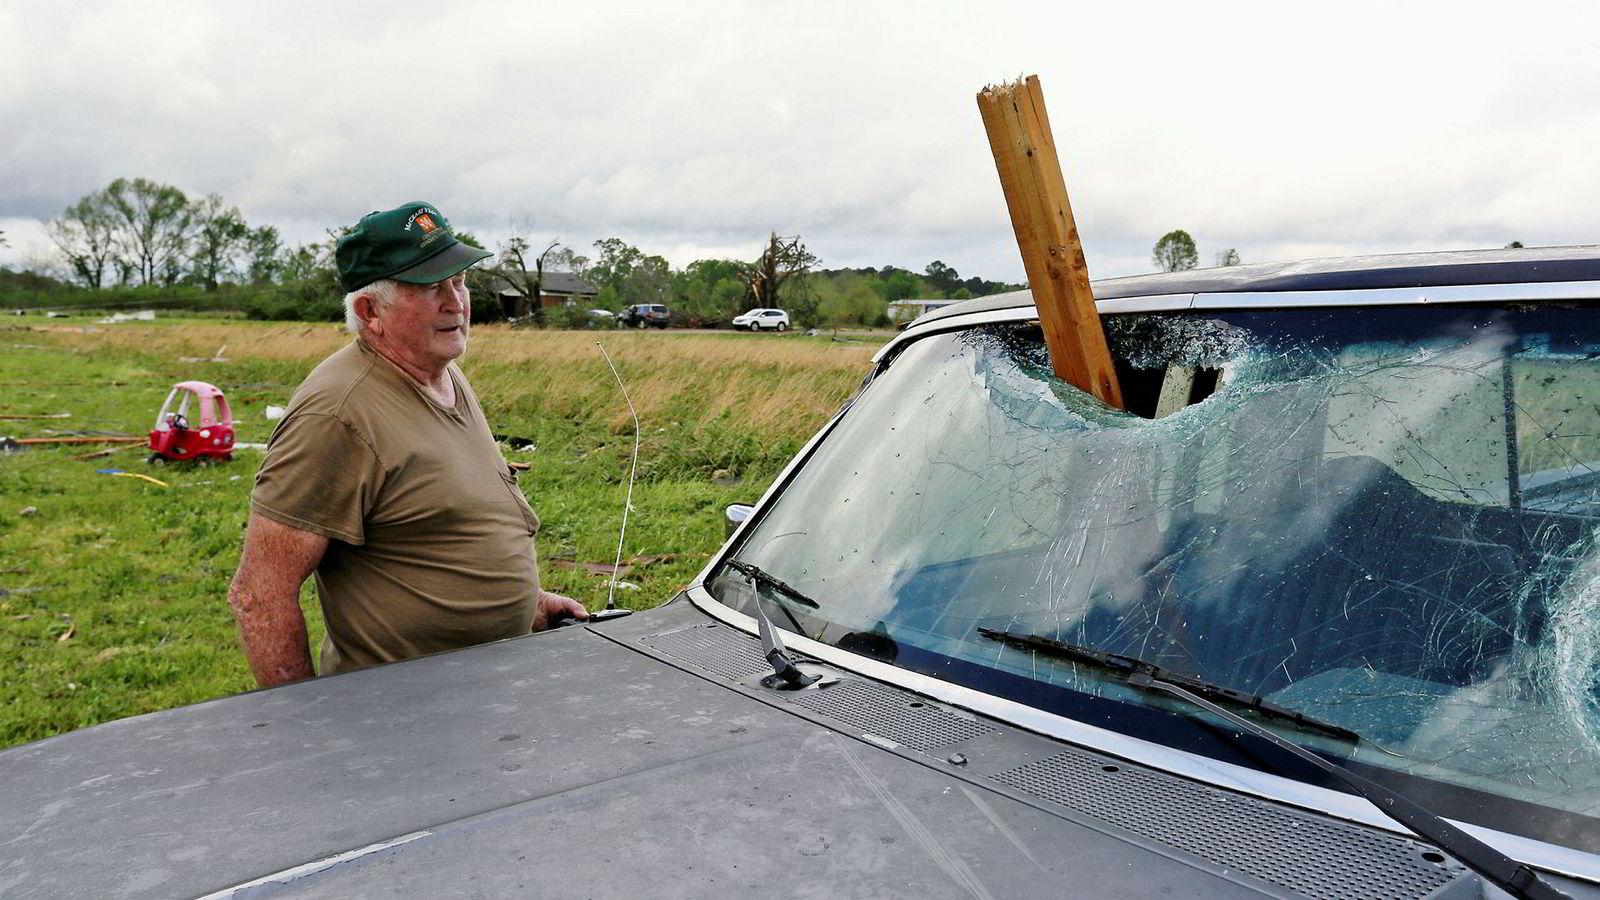 En mann fra Hamilton i Mississippi i USA konstaterer at søndagens storm har gått hardt utover datterens bil.